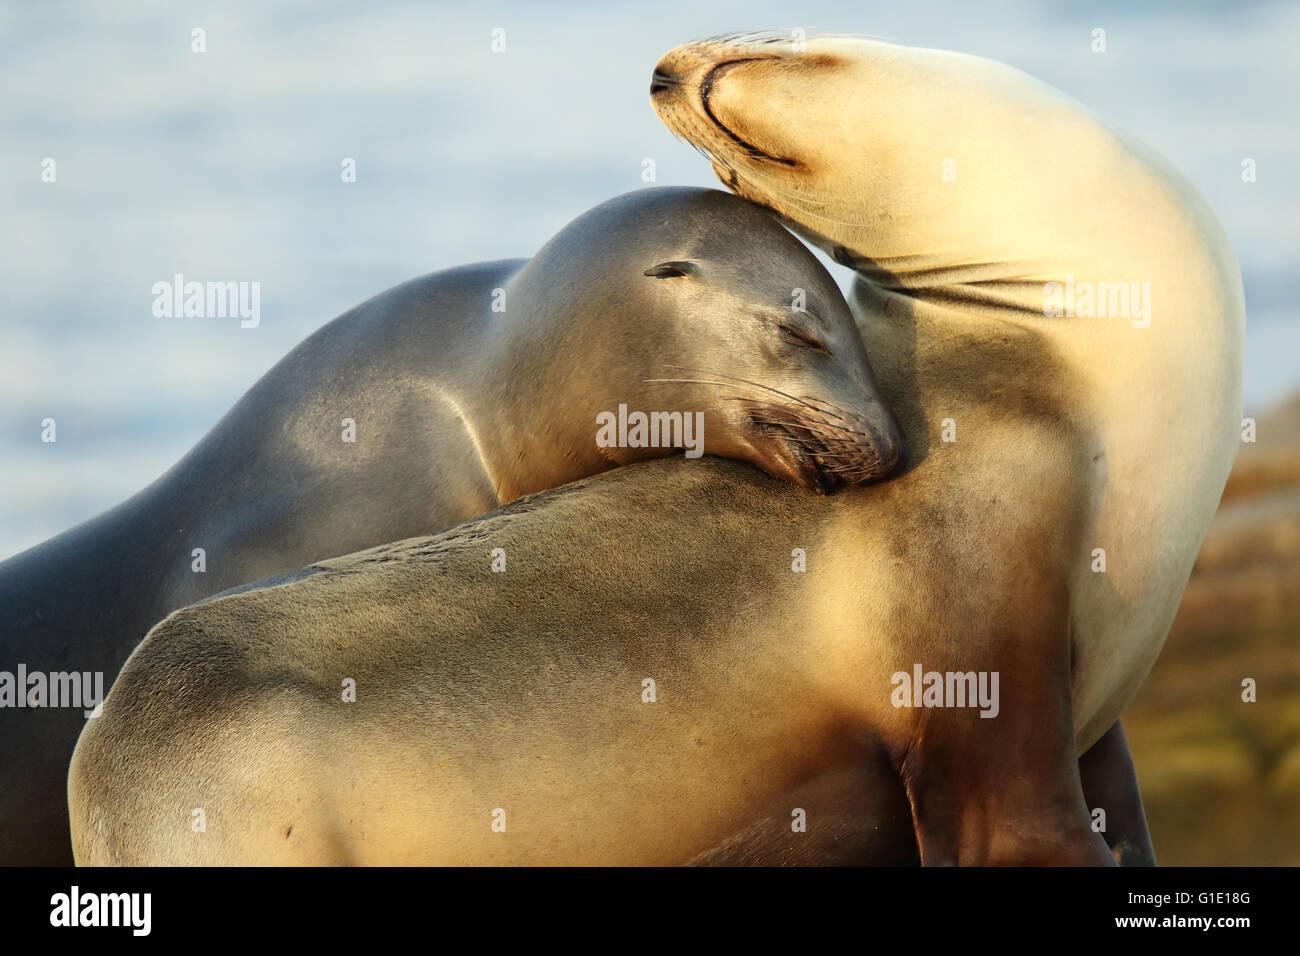 Ein paar der kalifornischen Seelöwen in eine dramatische Pose der Zuneigung. Stockbild